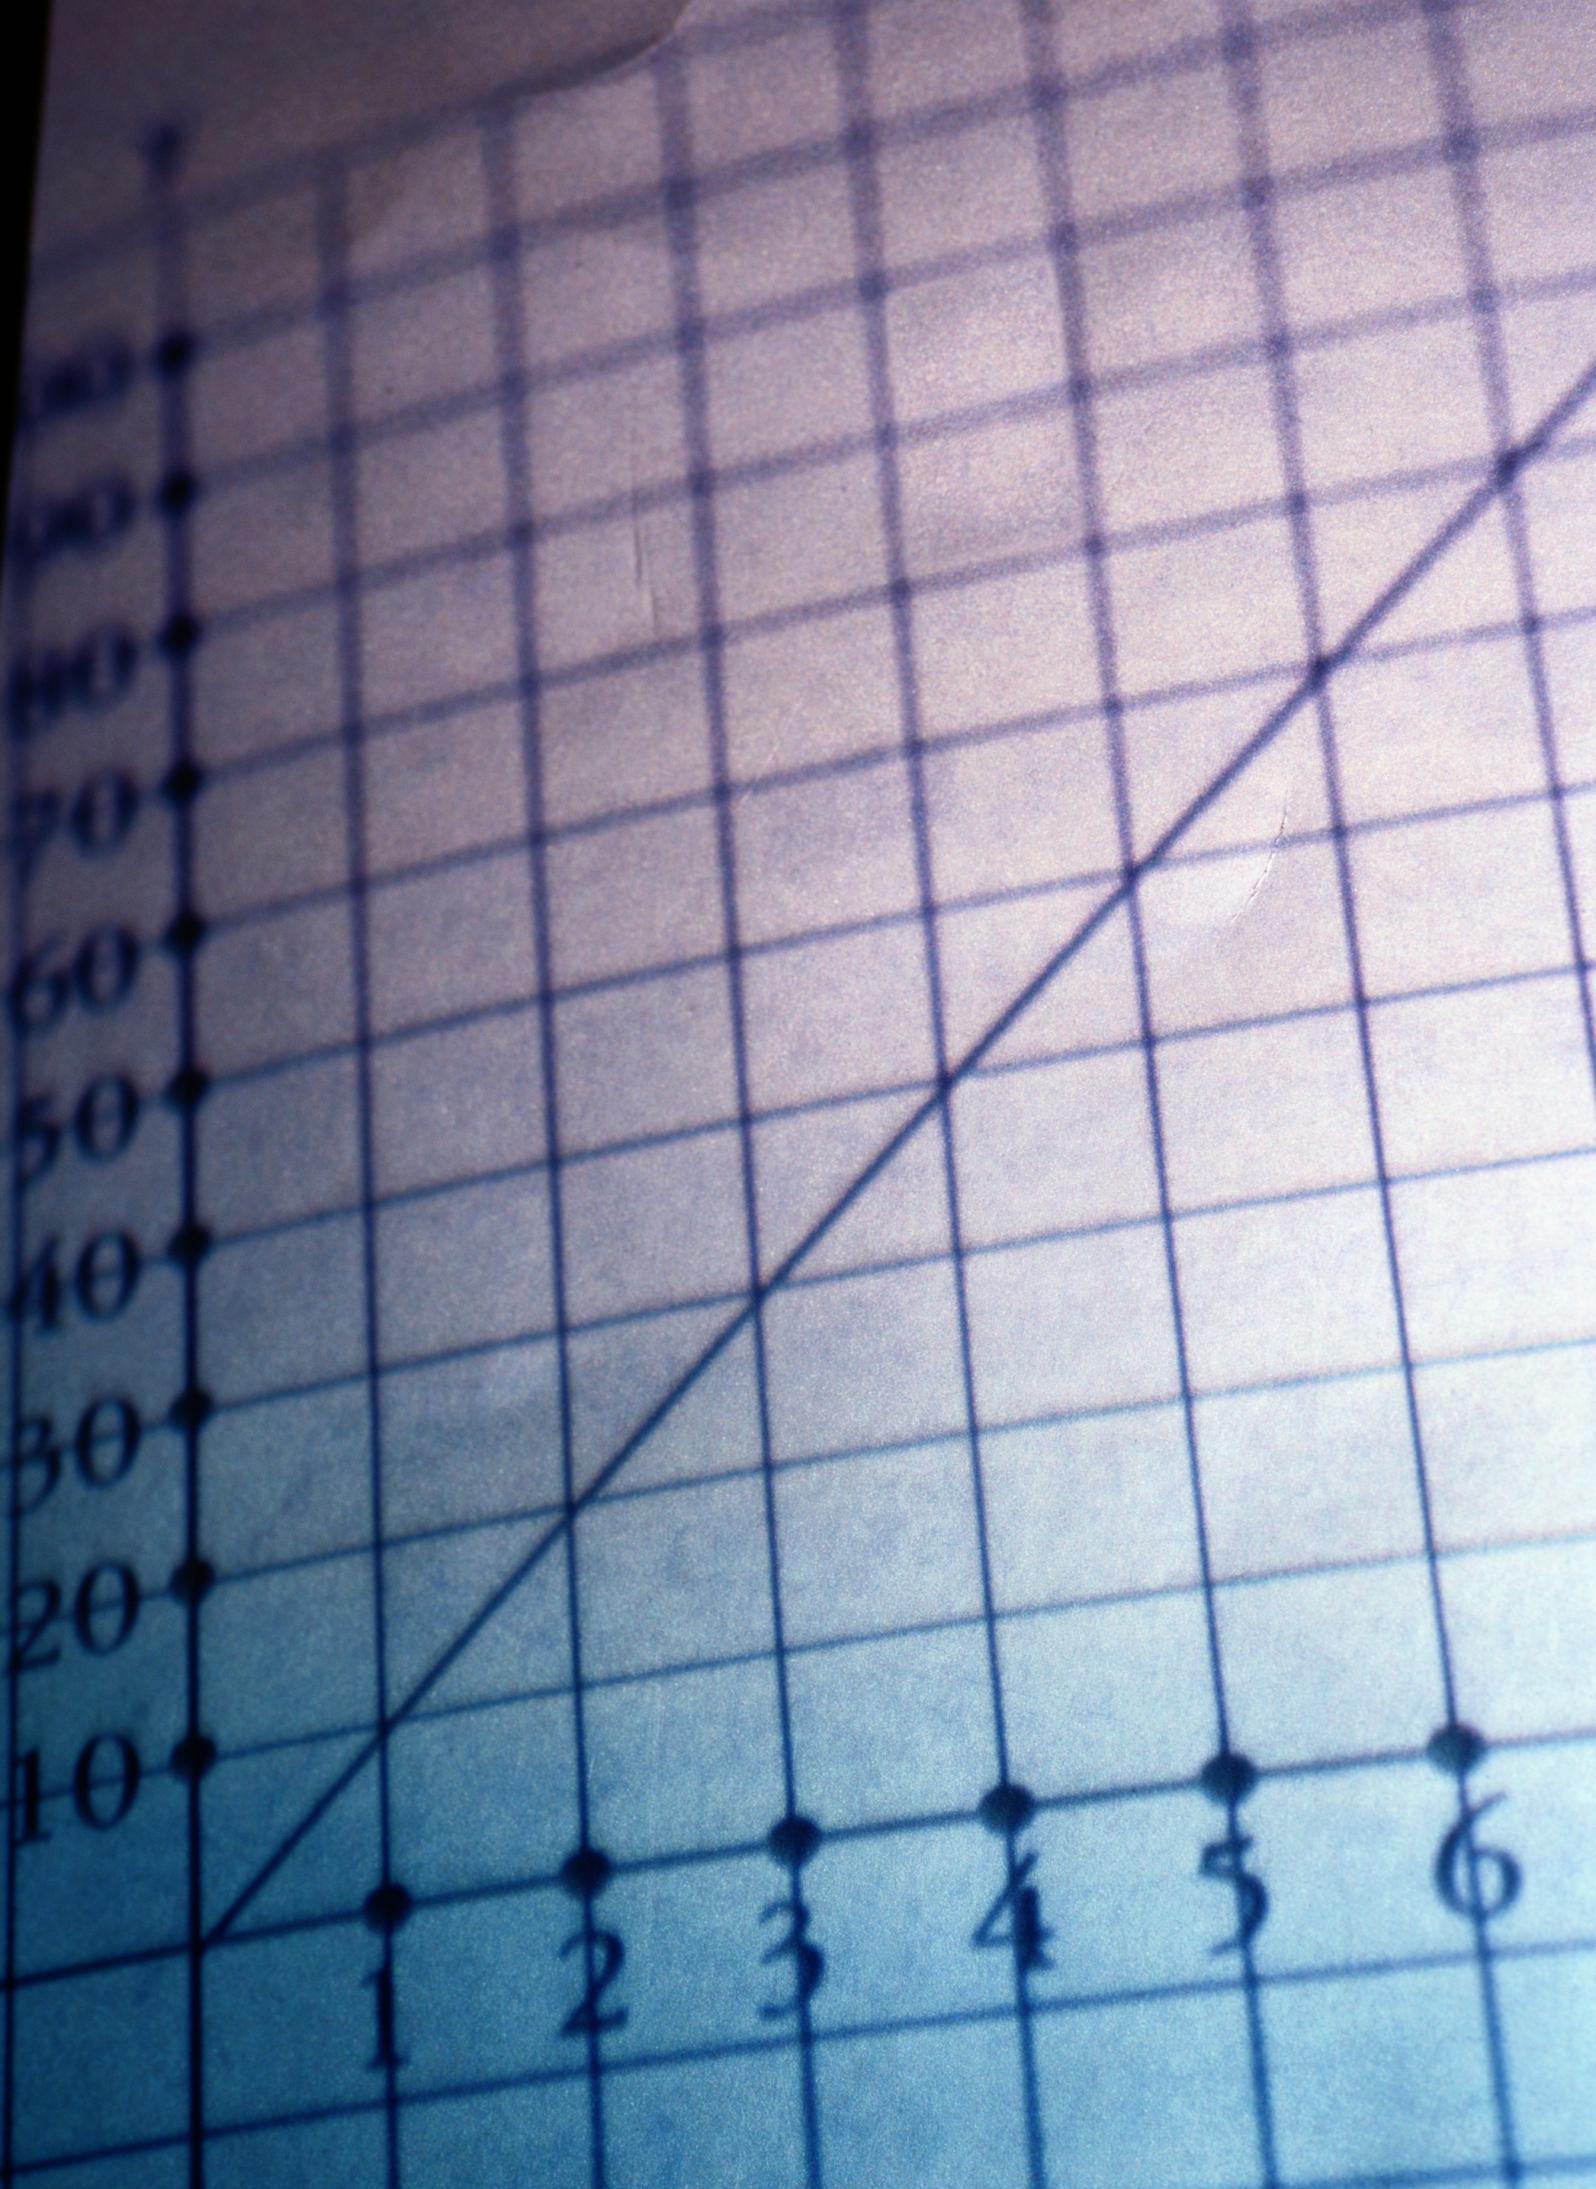 Cómo usar Excel para determinar la relación entre dos conjuntos de ...